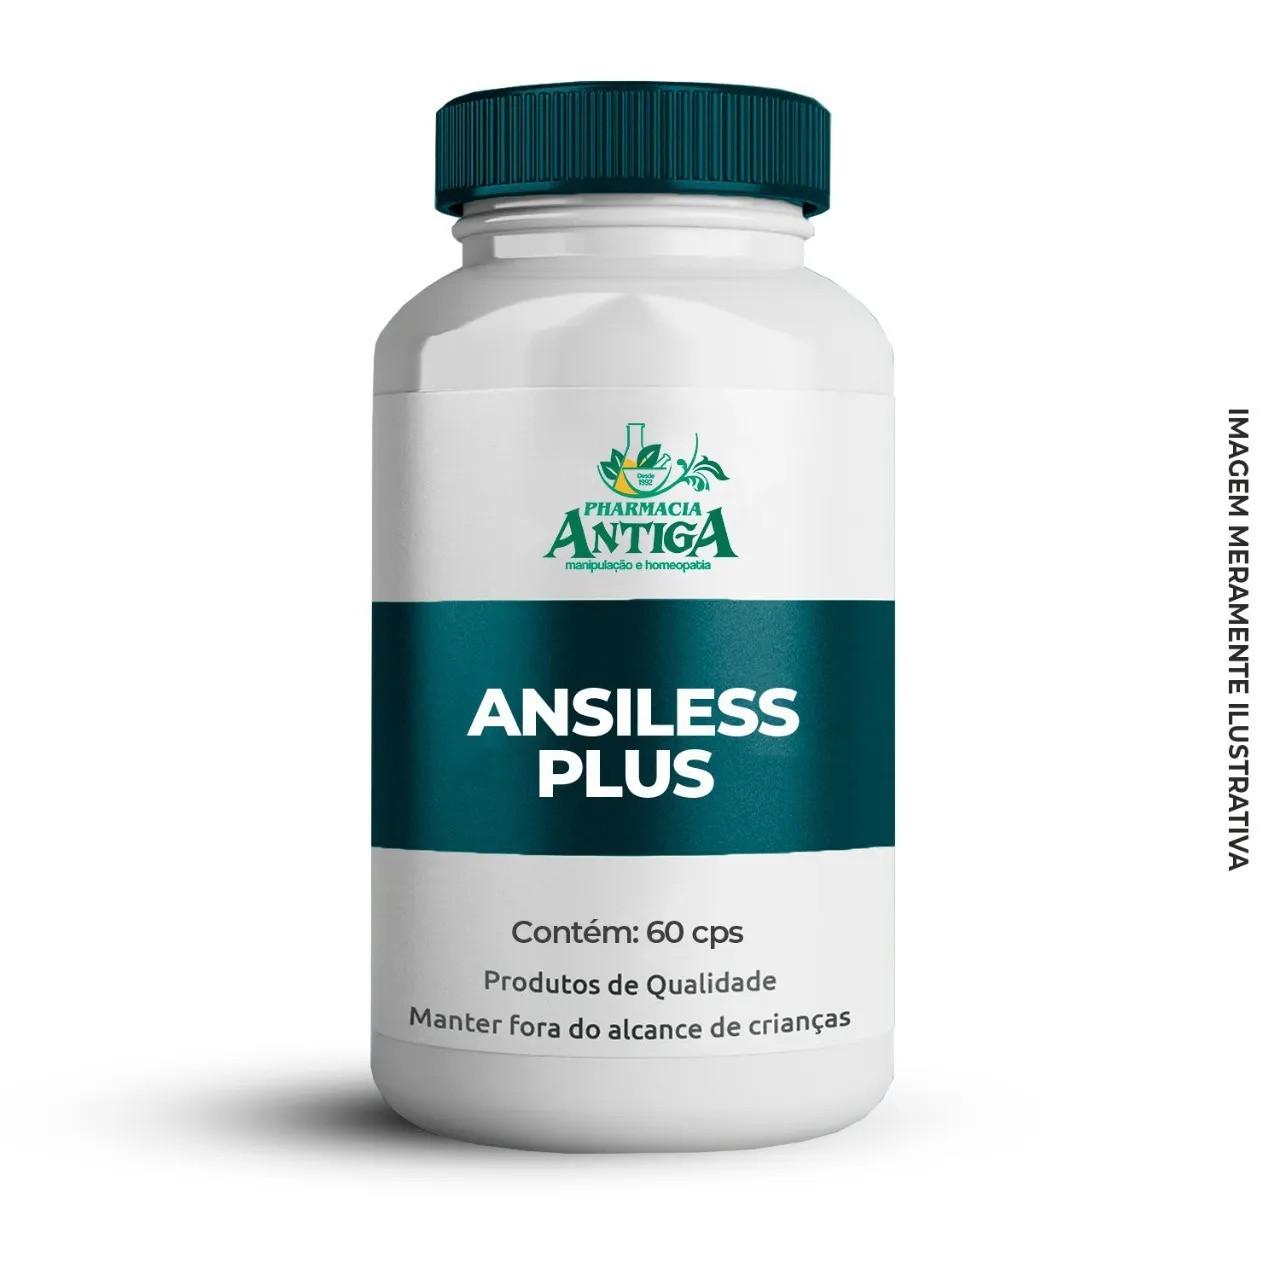 Ansiless Plus 60 cps